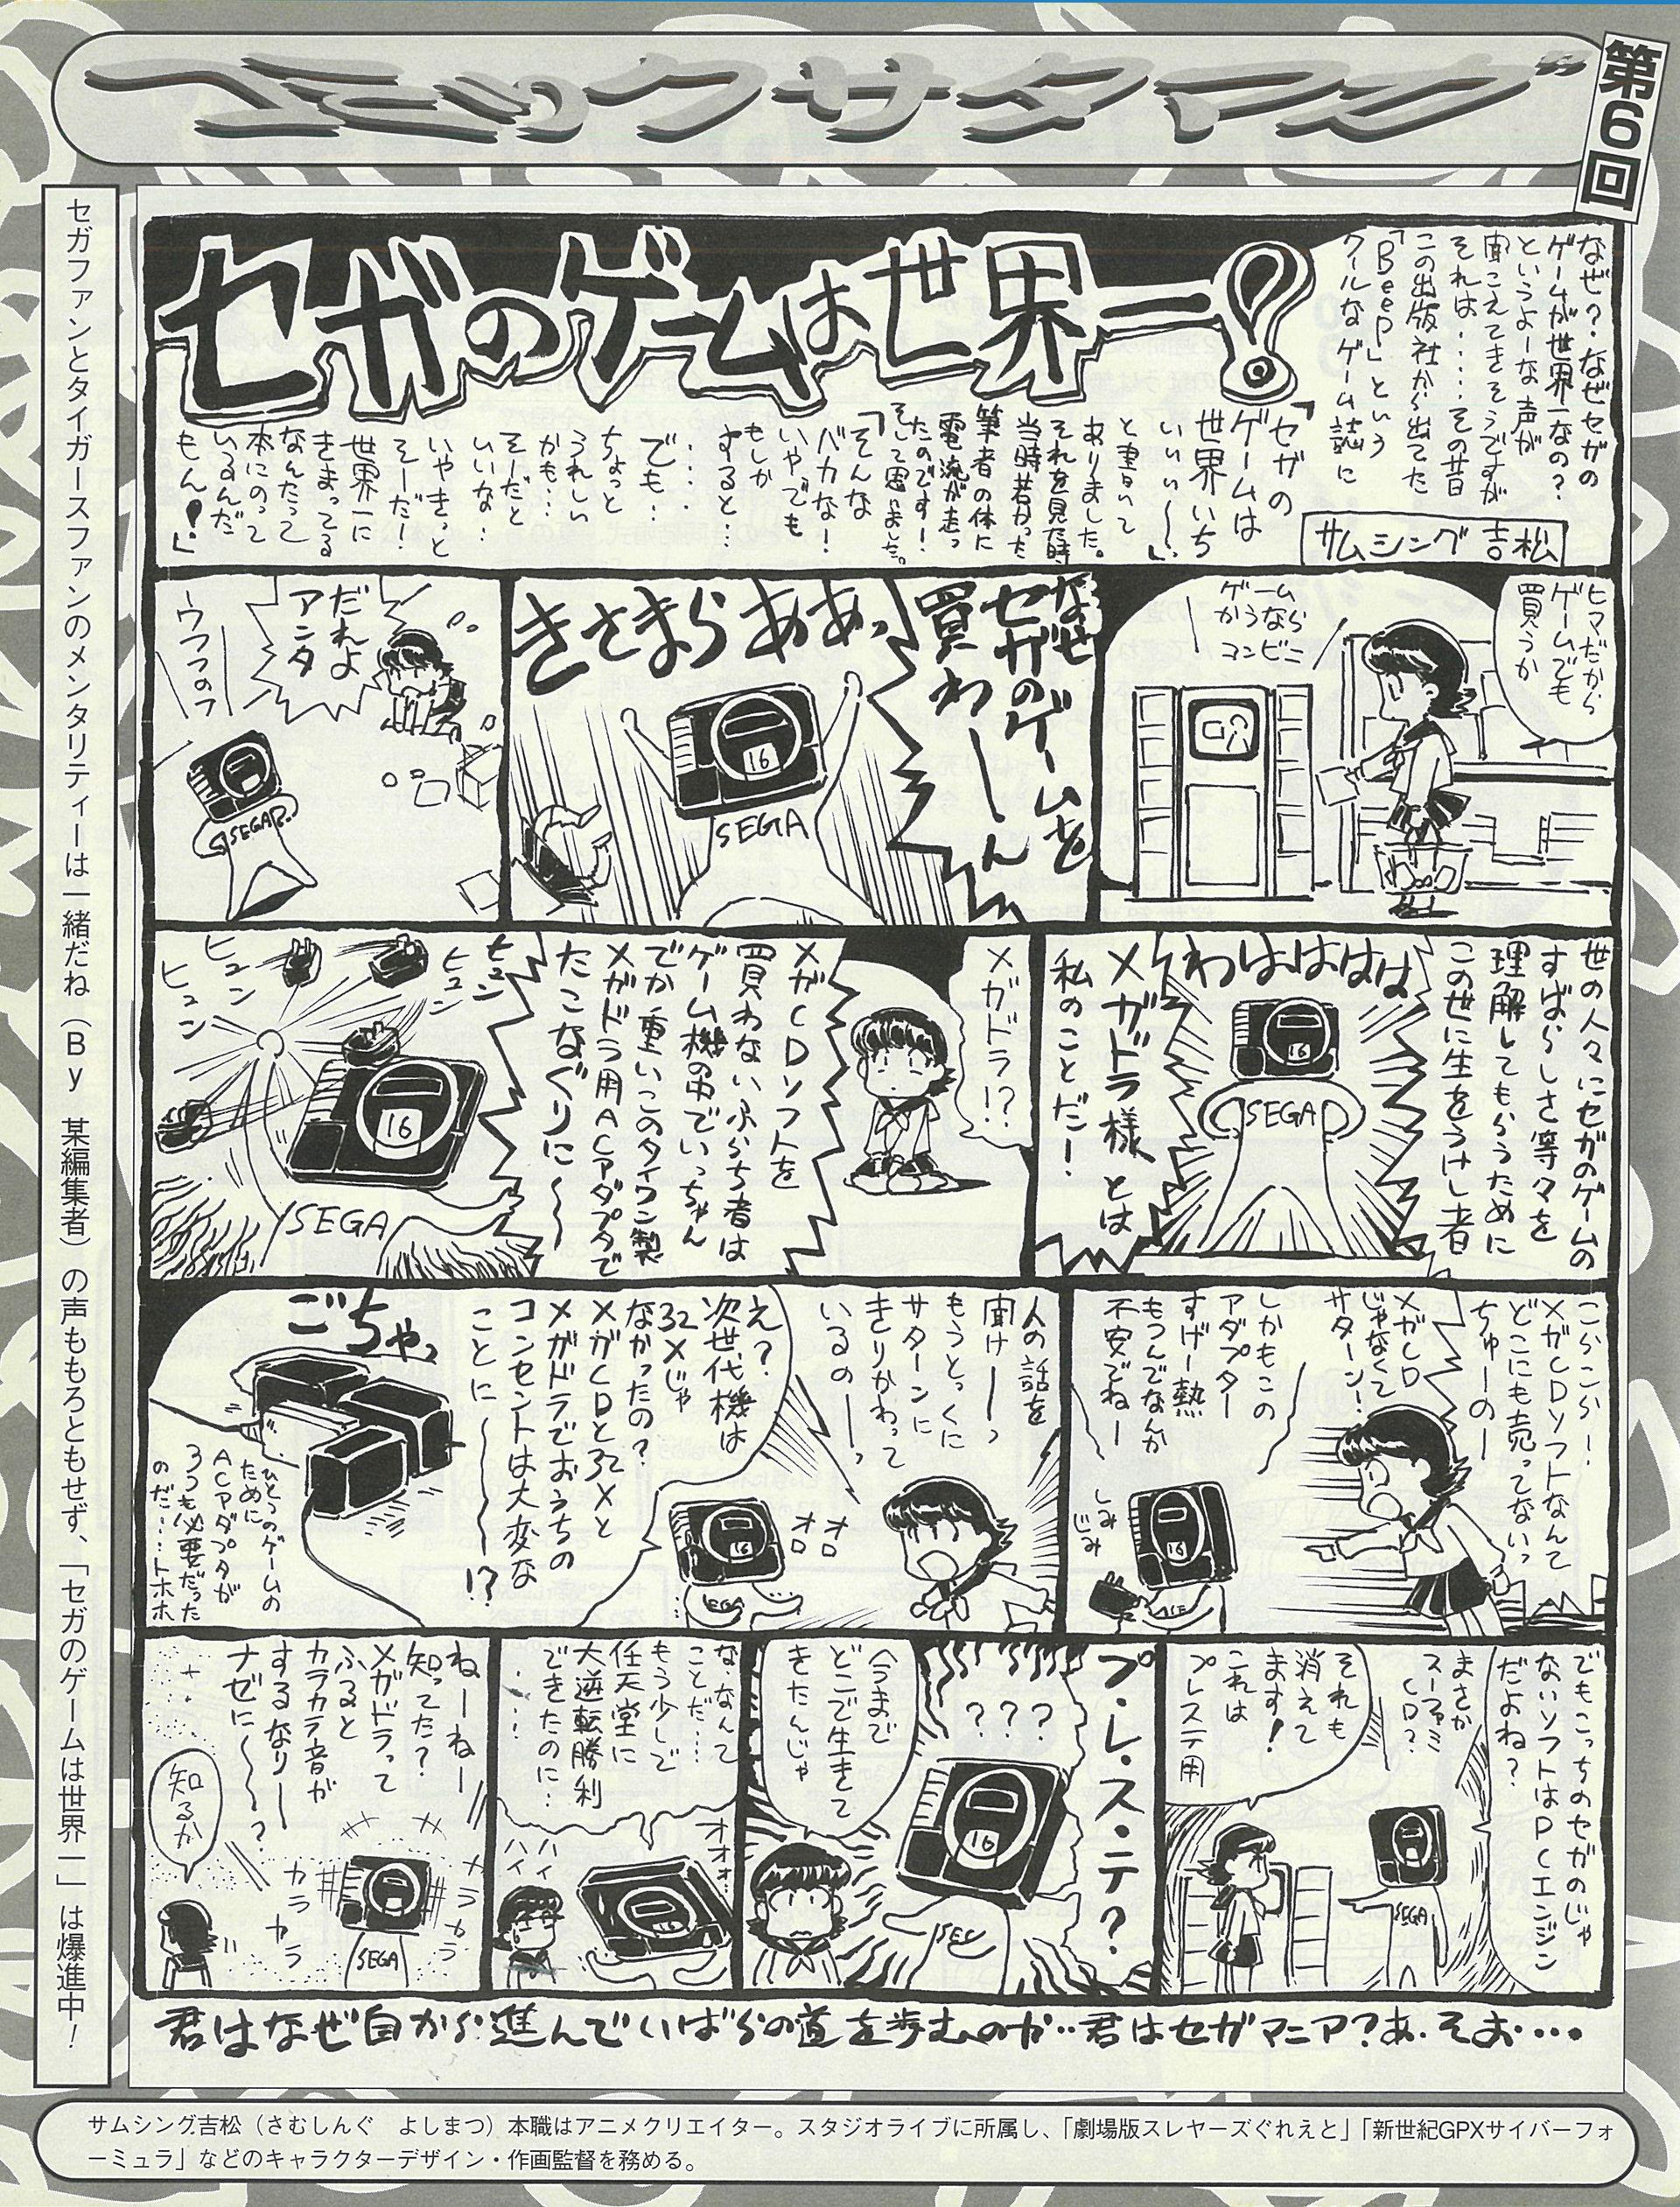 晴れて新連載となった「セガのゲームは世界一!」第1話。この頃はタイトルが漢字であった。「セガサターンマガジン」1998年7月10・17日号より